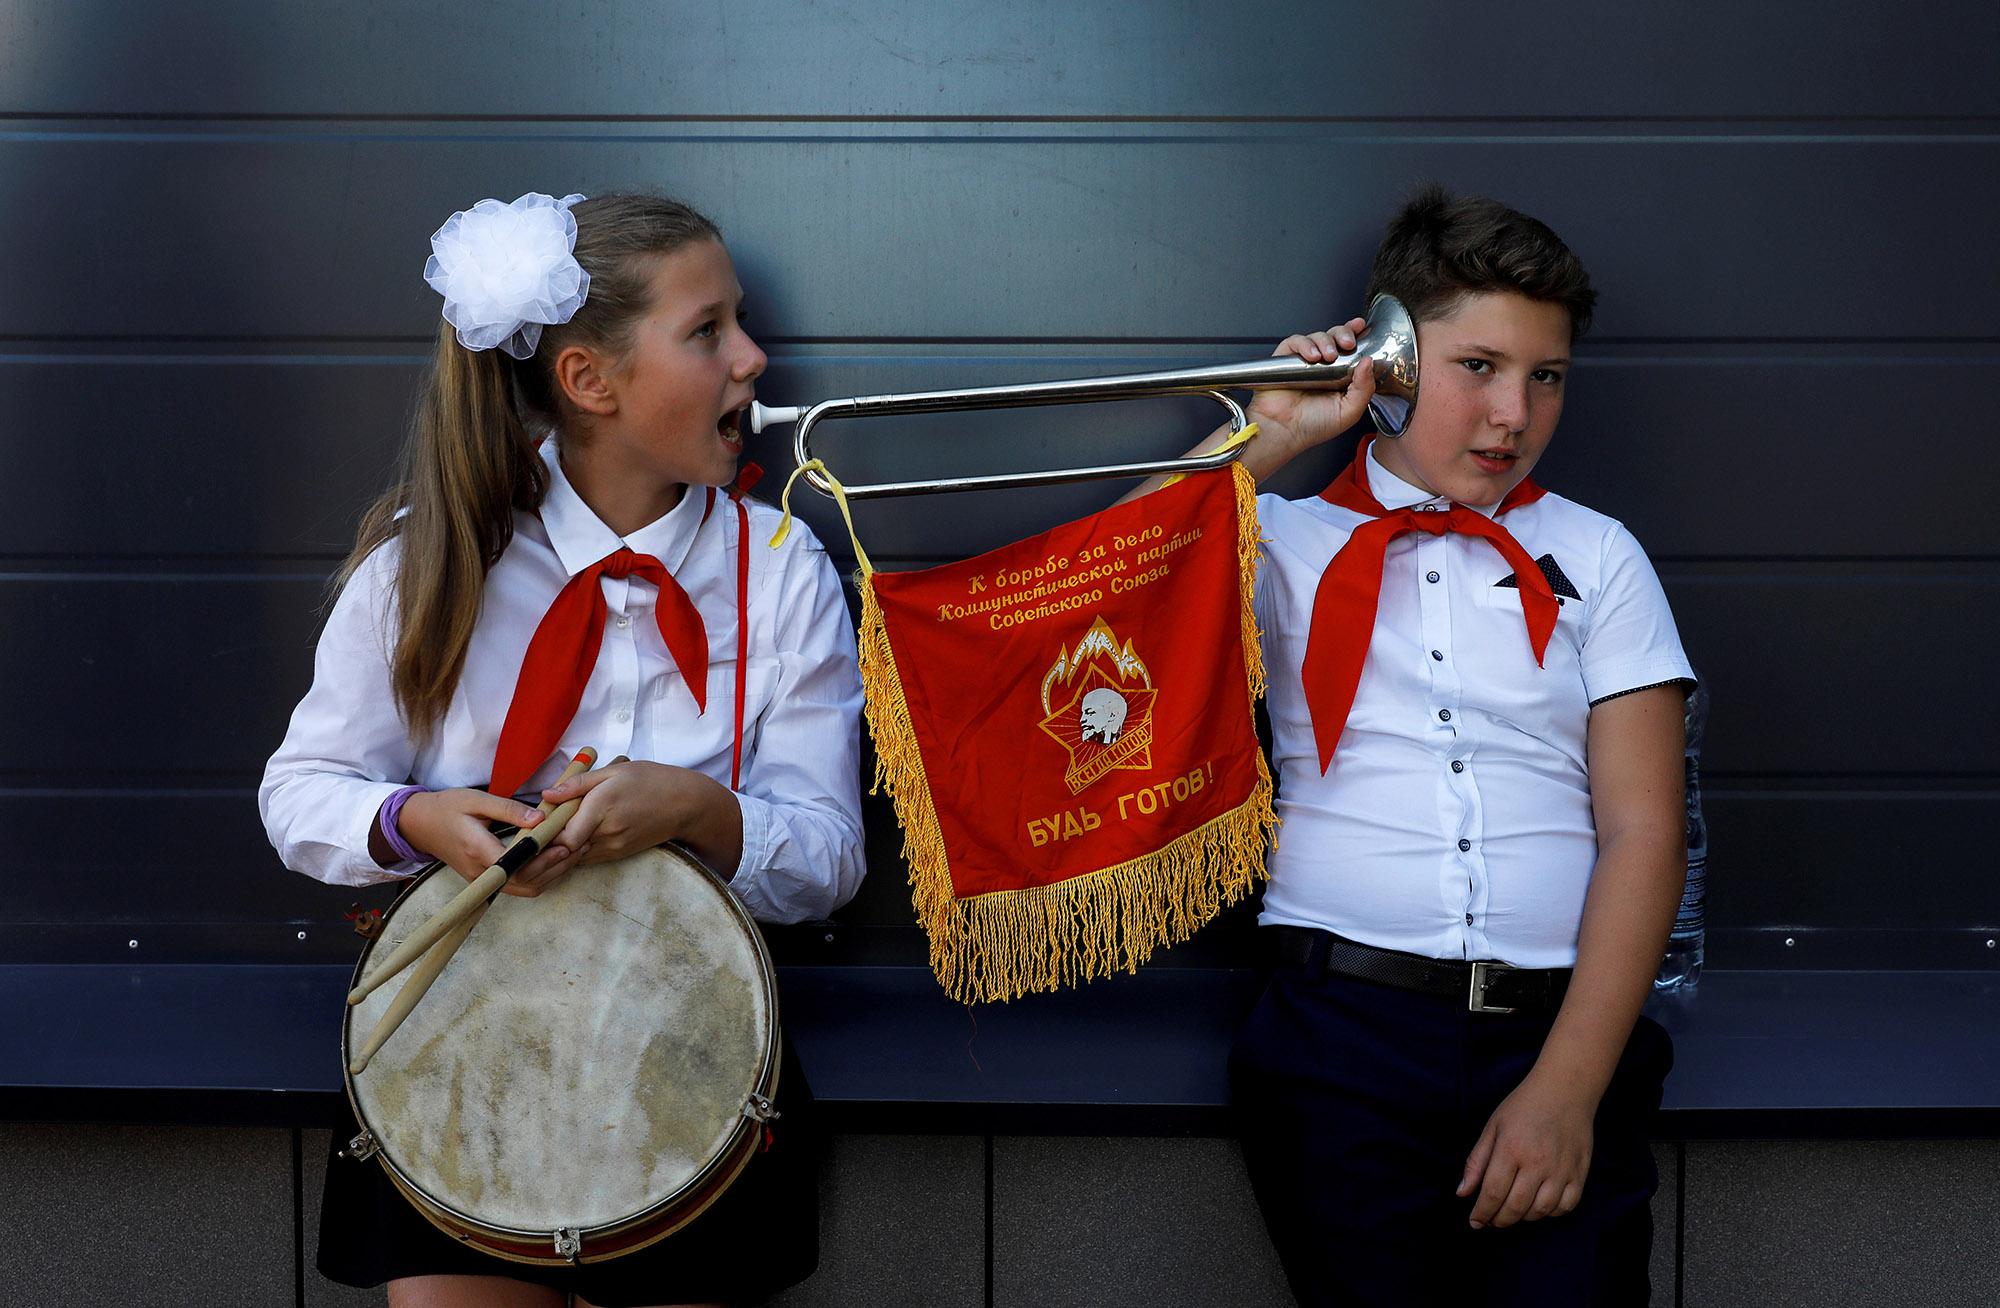 Portrait photographie couleur de 2 enfants avec trompette, finaliste du concours People